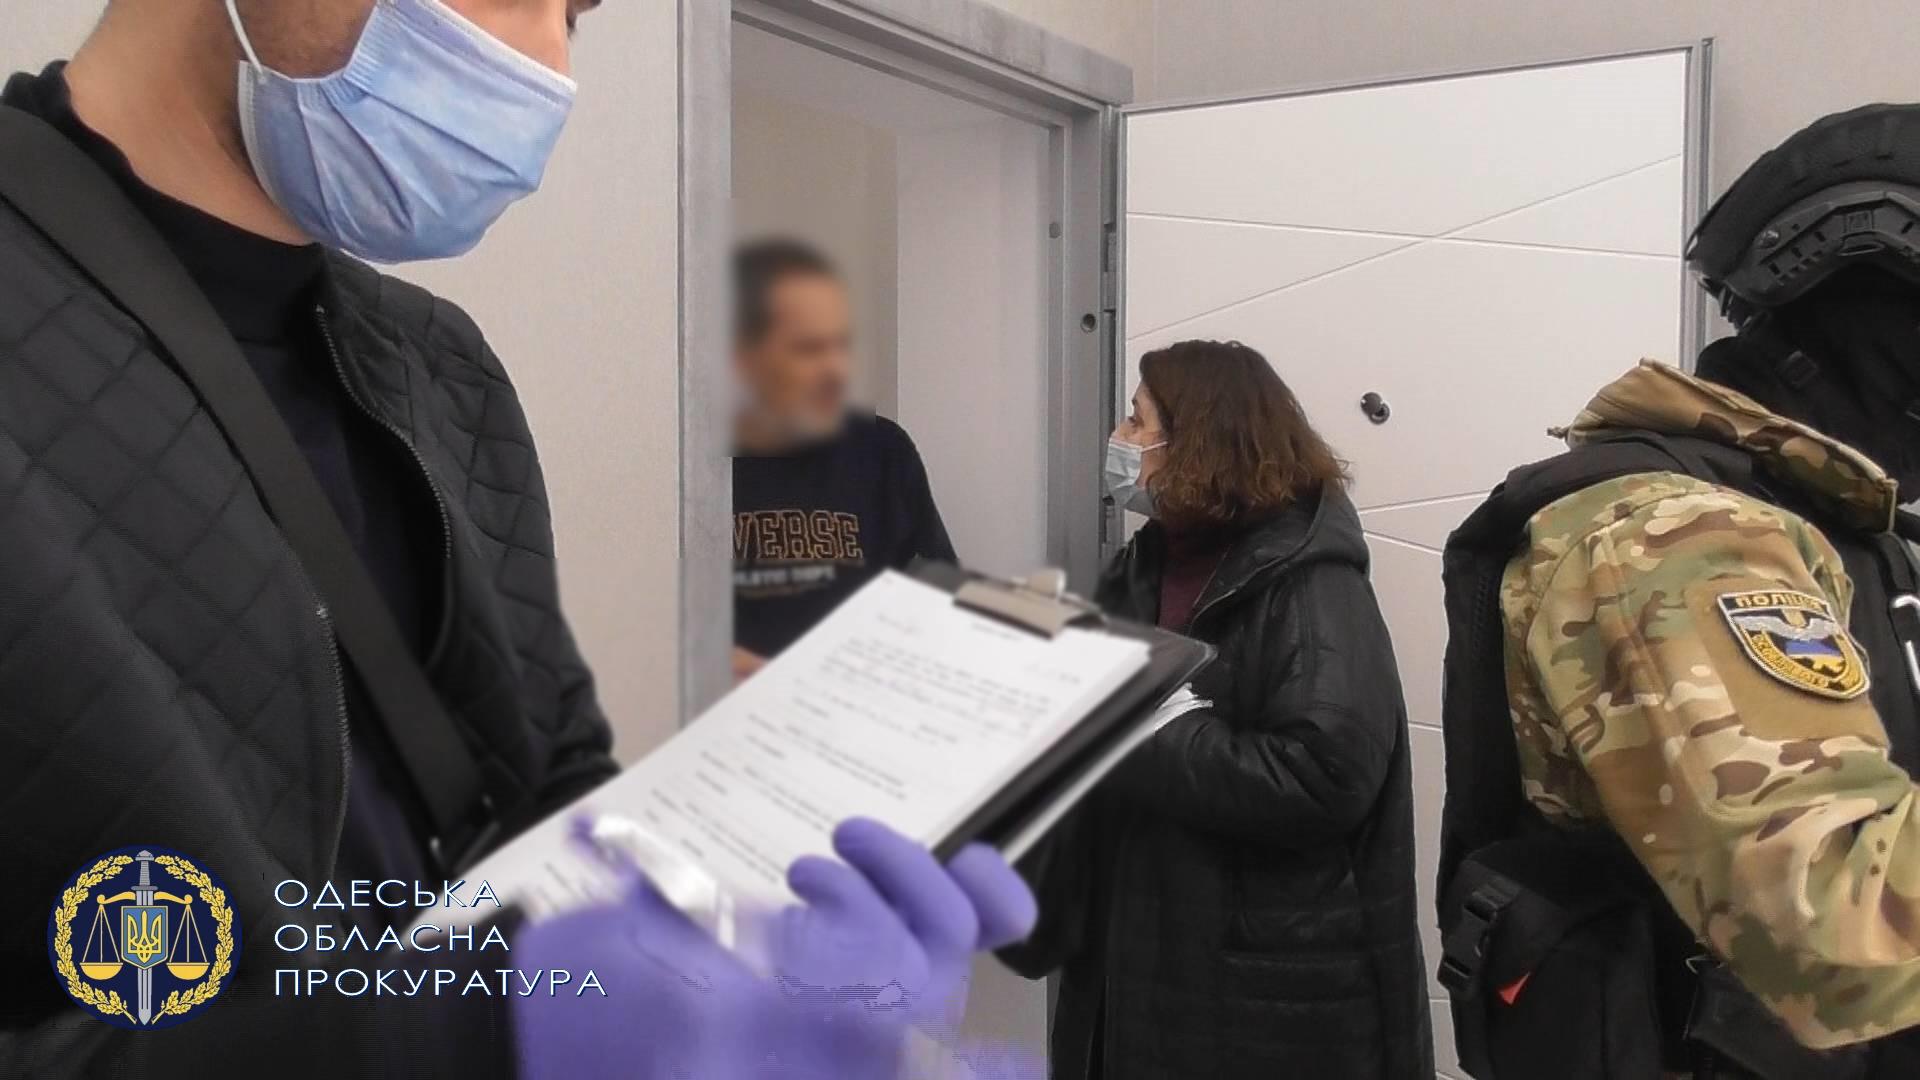 Одесситка с сообщниками два месяца пытала утюгом своего гражданского мужа и его племянника ради денег и квартиры